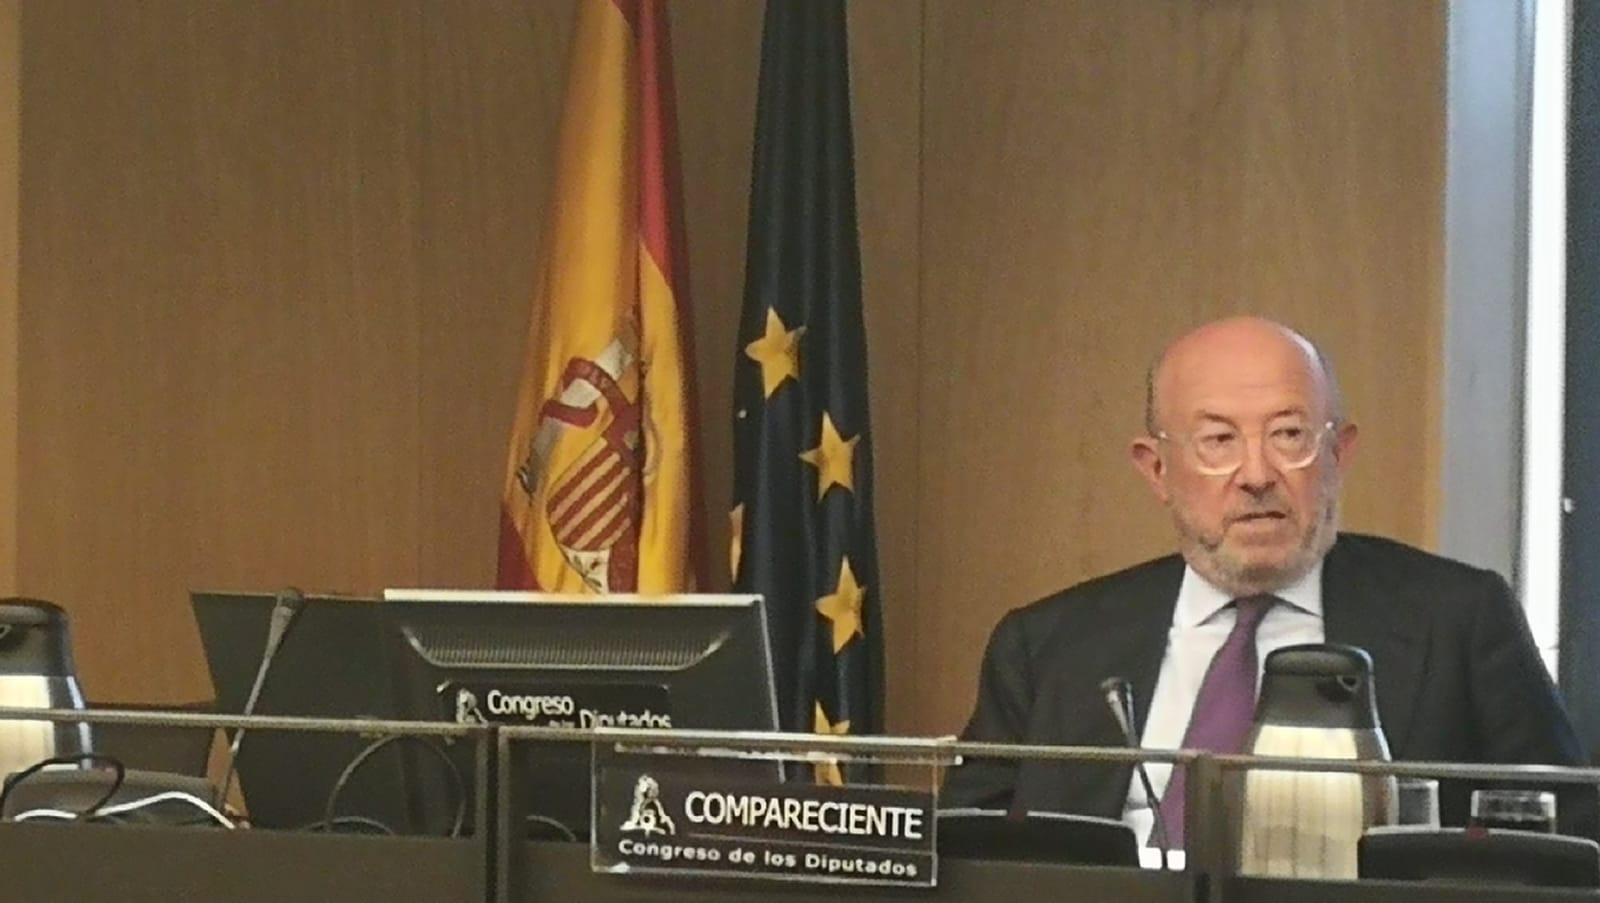 """Saracho: """"Acepté dirigir Popular para que la acción no se hundiera"""". Cuando llegó valía 0,84 euros y cuando se fue, 0,52 (-62%)"""